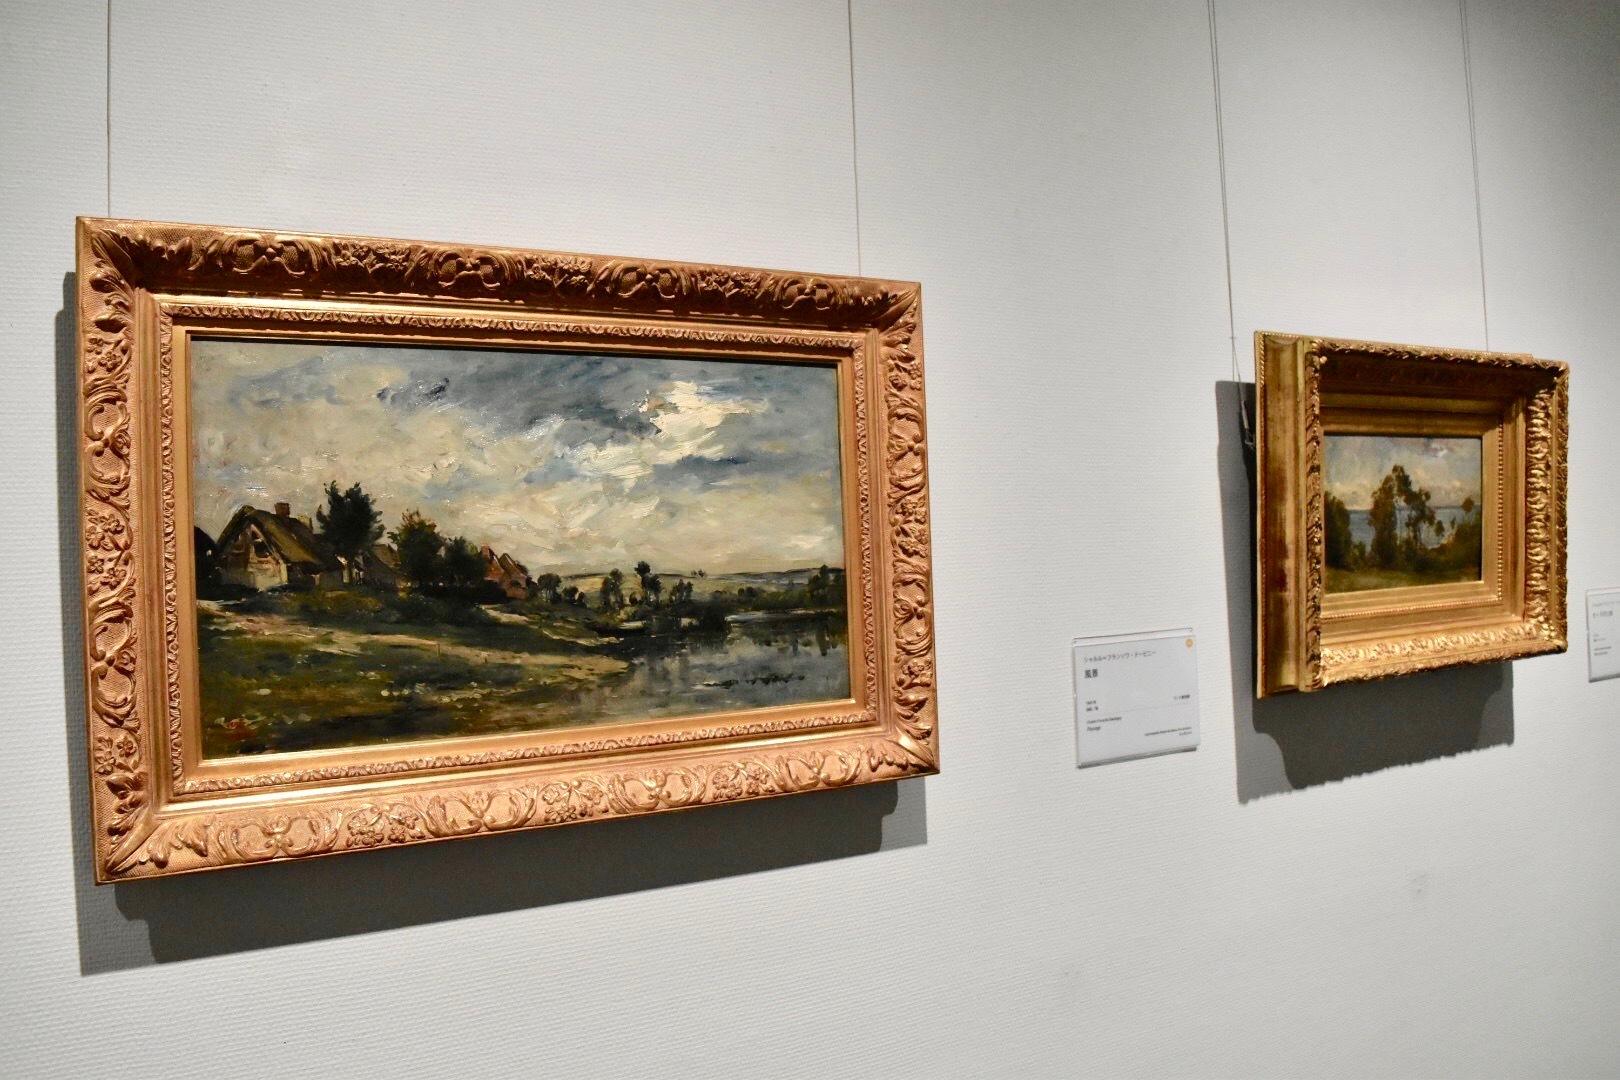 左:シャルル=フランソワ・ドービニー 《ポルトジョアのセーヌ川》 1868年頃 個人蔵